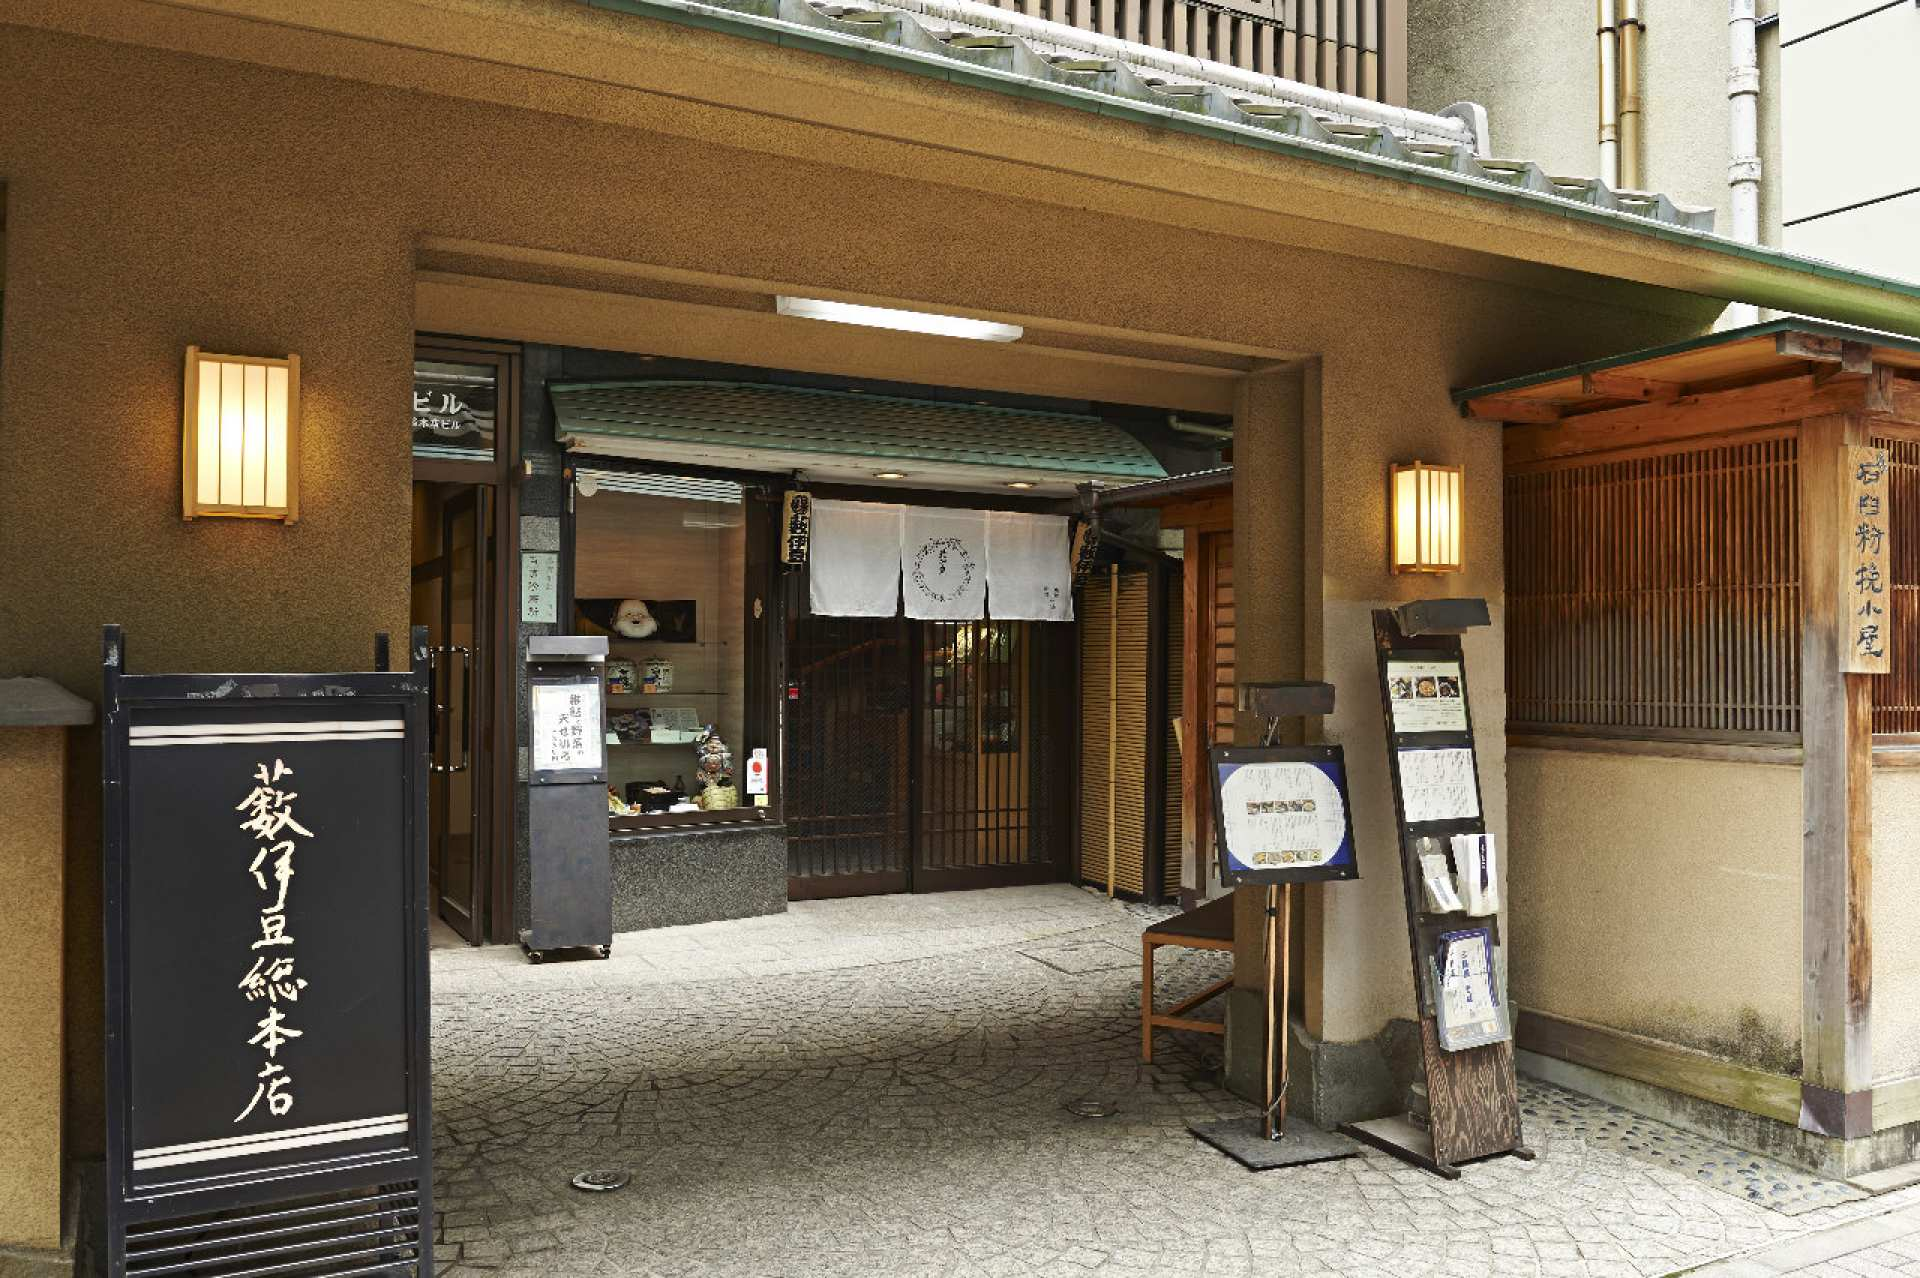 【東京美食】日本橋蕎麥麵・薮伊豆総本店